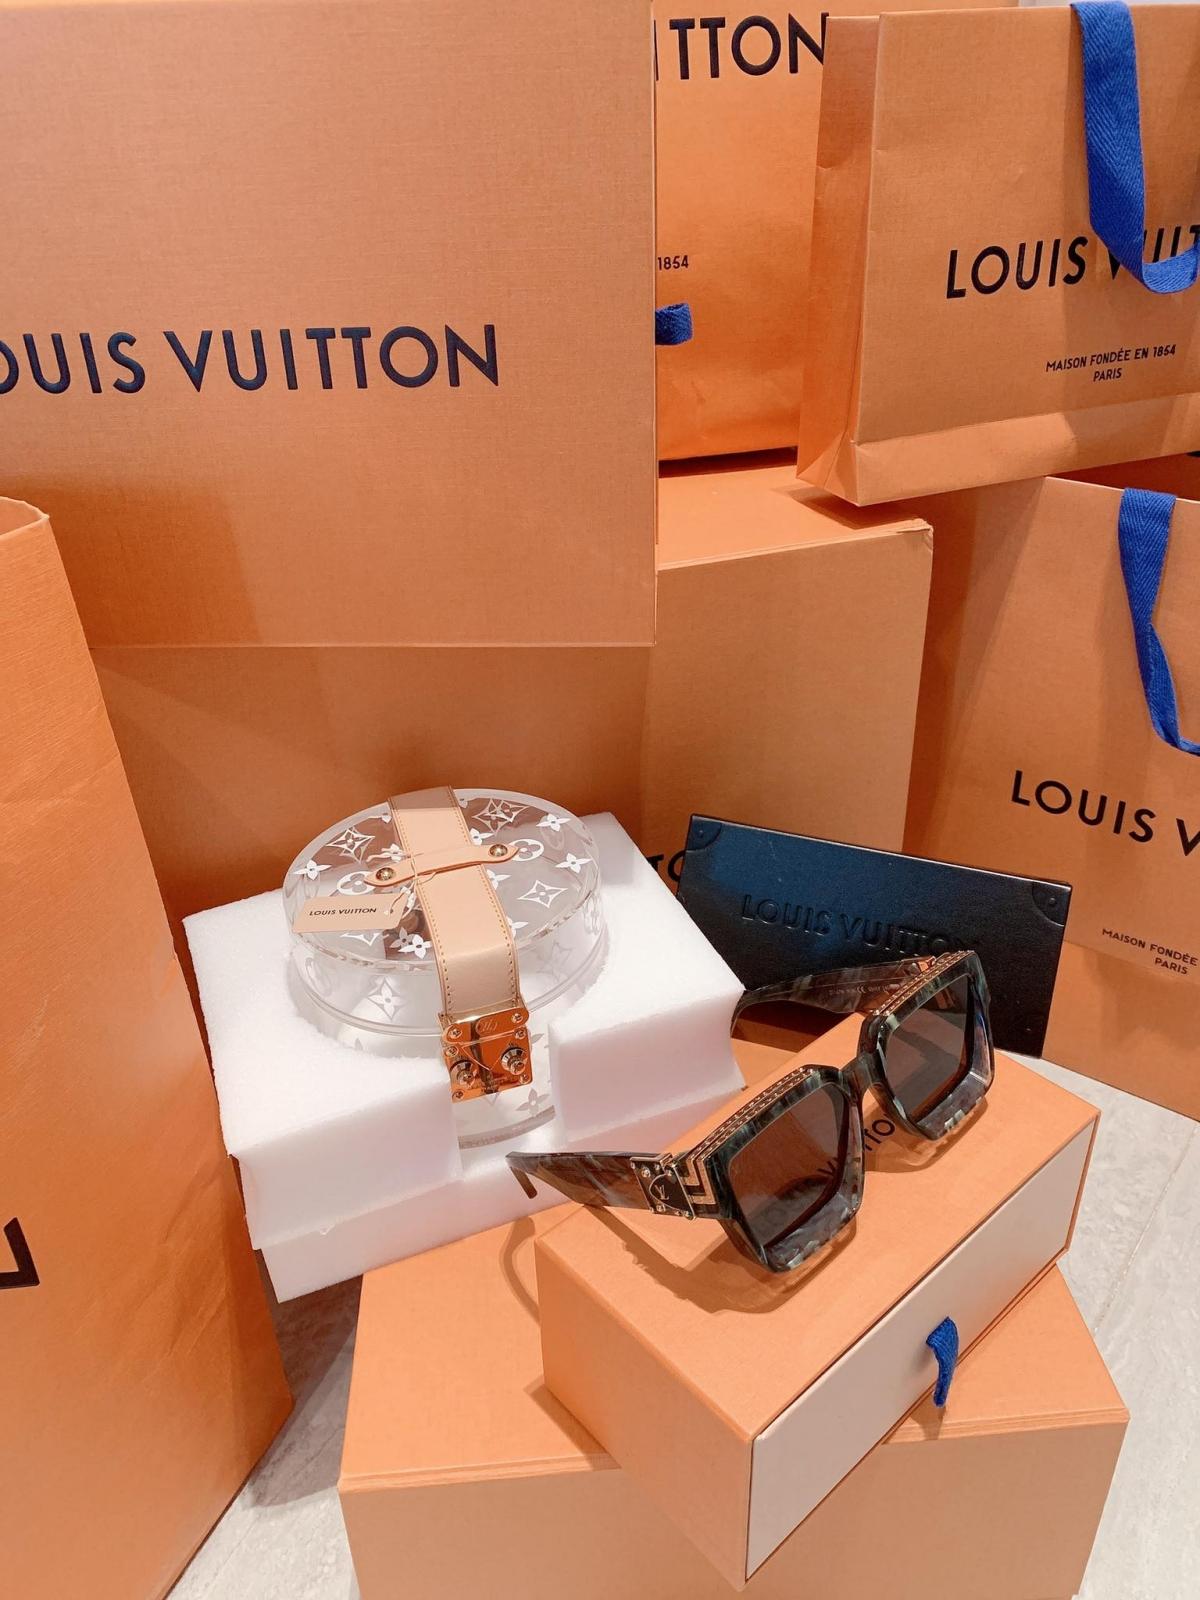 Midu còn sở hữu nhiều món đồ hiệu đắt giá đến từ những thương hiệu thời trang cao cấp nhất như Dior, Louis Vuitton, Chanel…